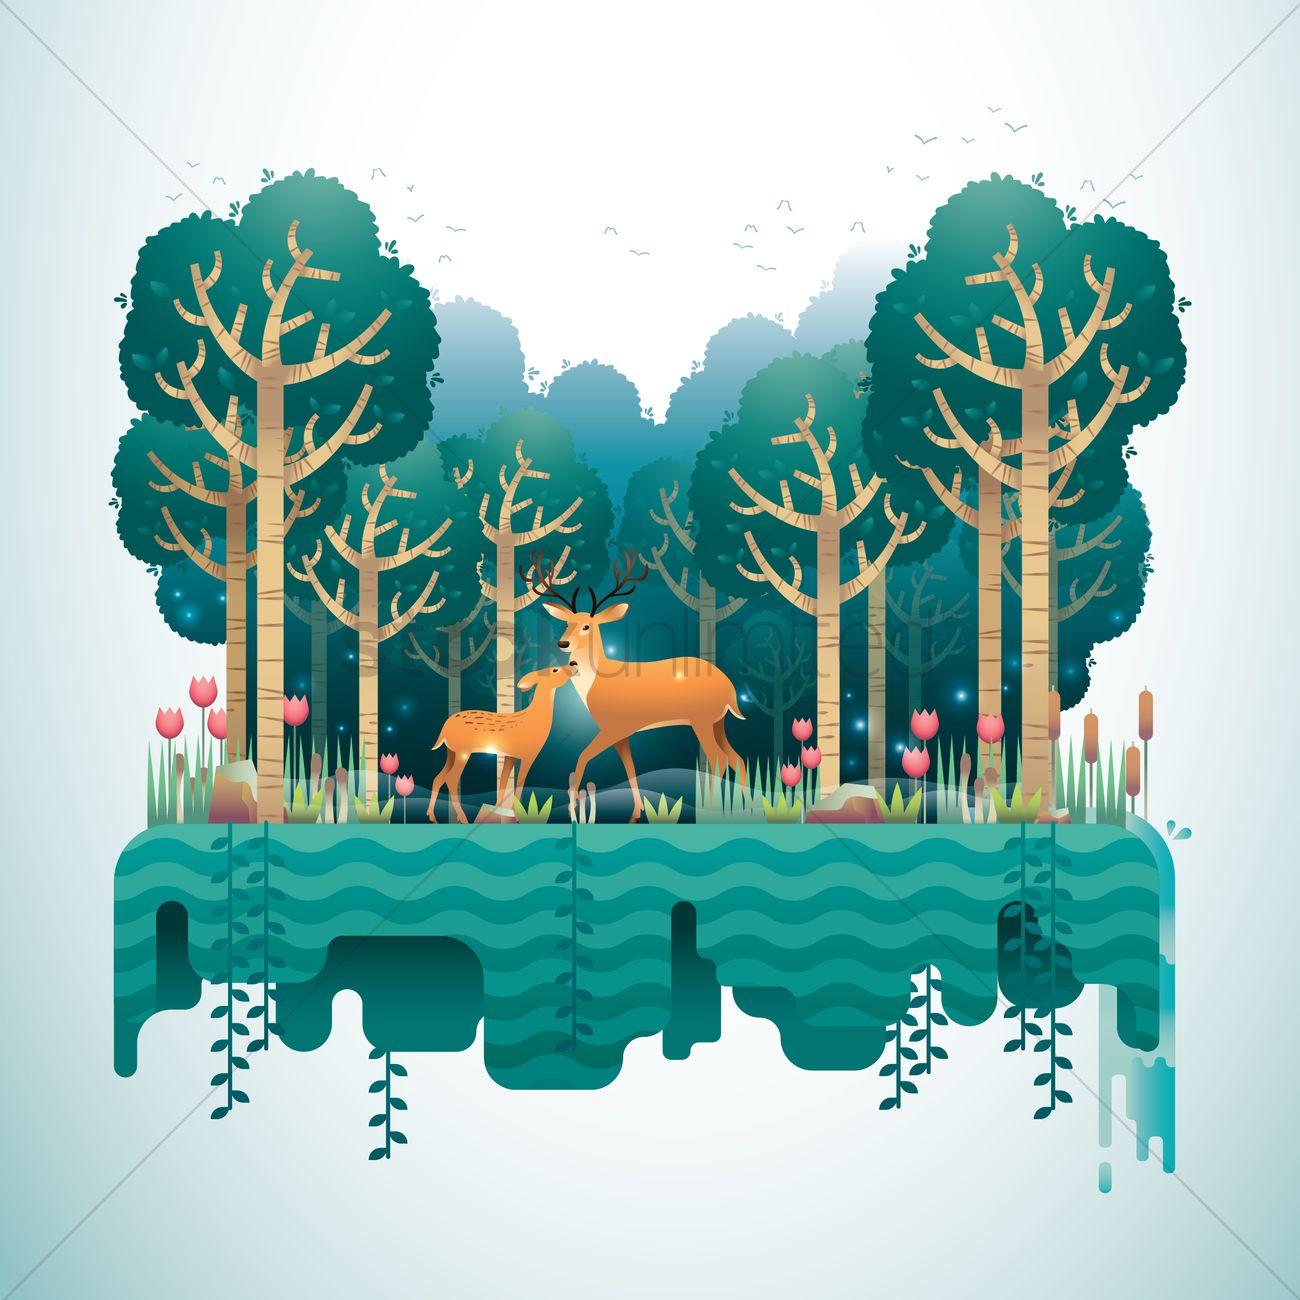 Forest landscape Vector Image - 1488988 | StockUnlimited